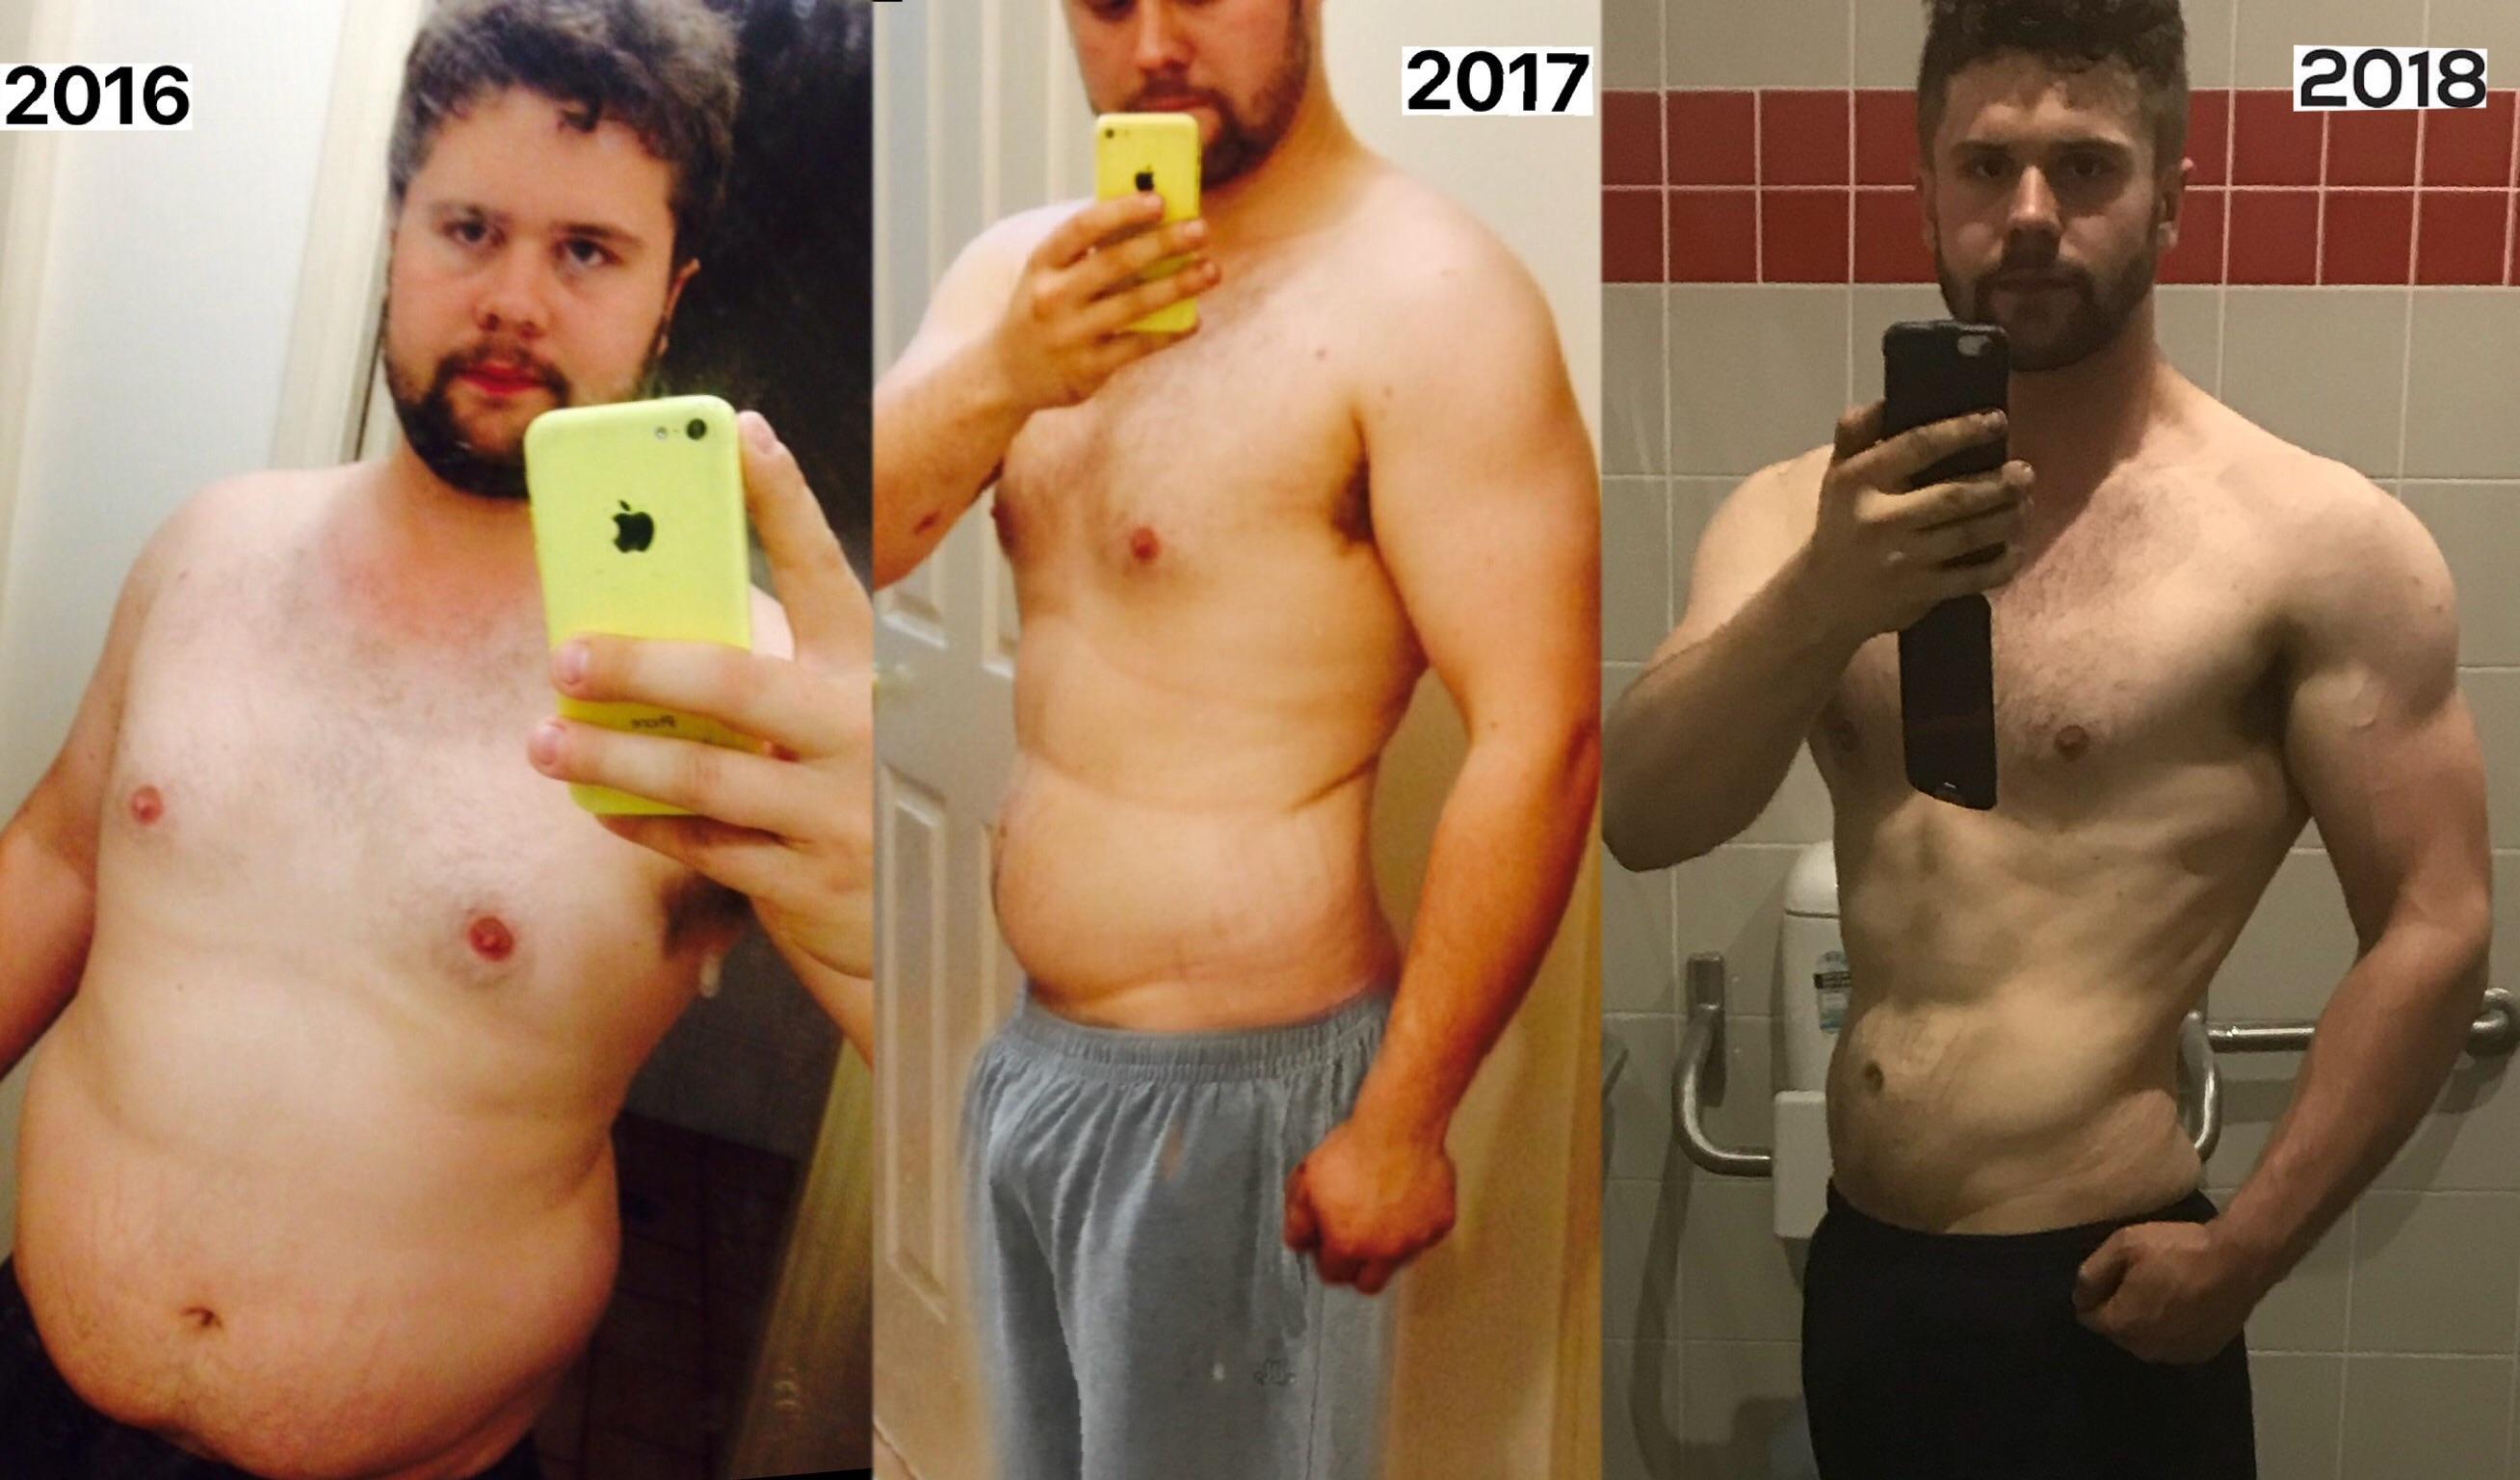 rasva poletustsoon ei ole nouanded rasva eemaldamiseks naost